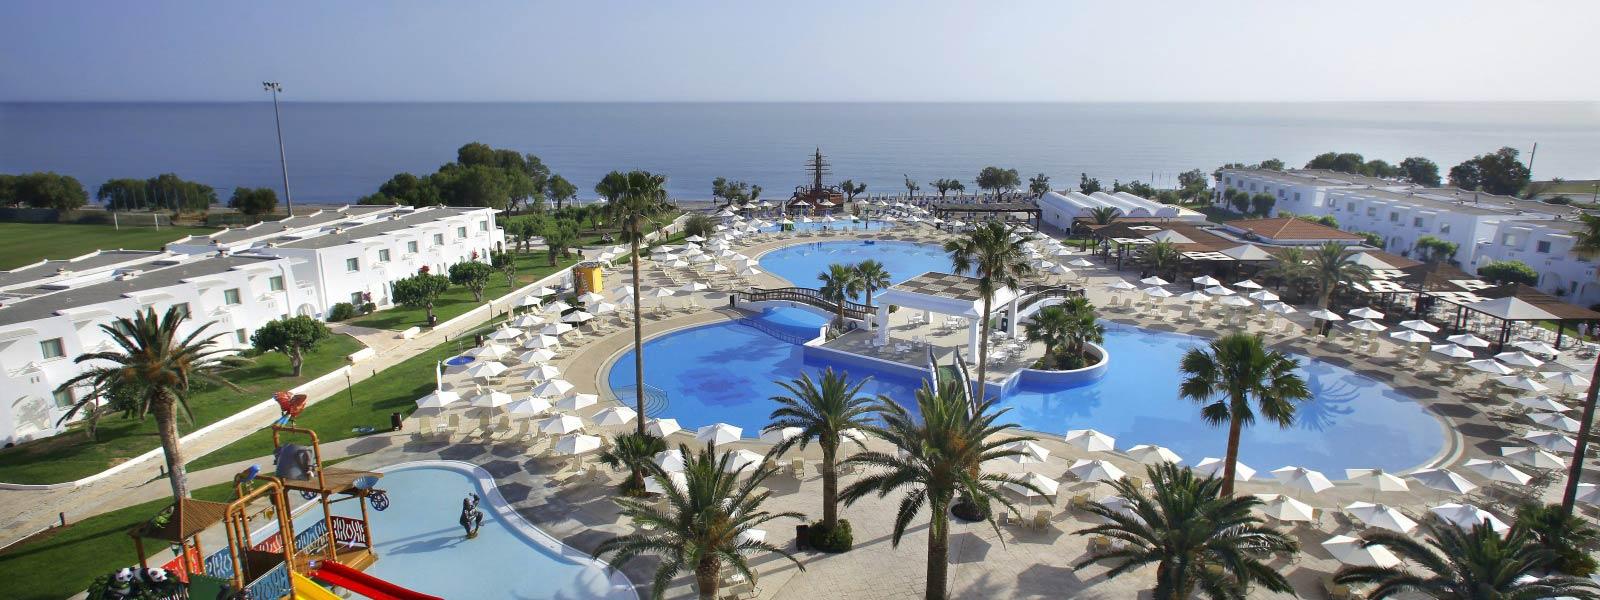 Creta Princess Aquapark & Spa Hotel